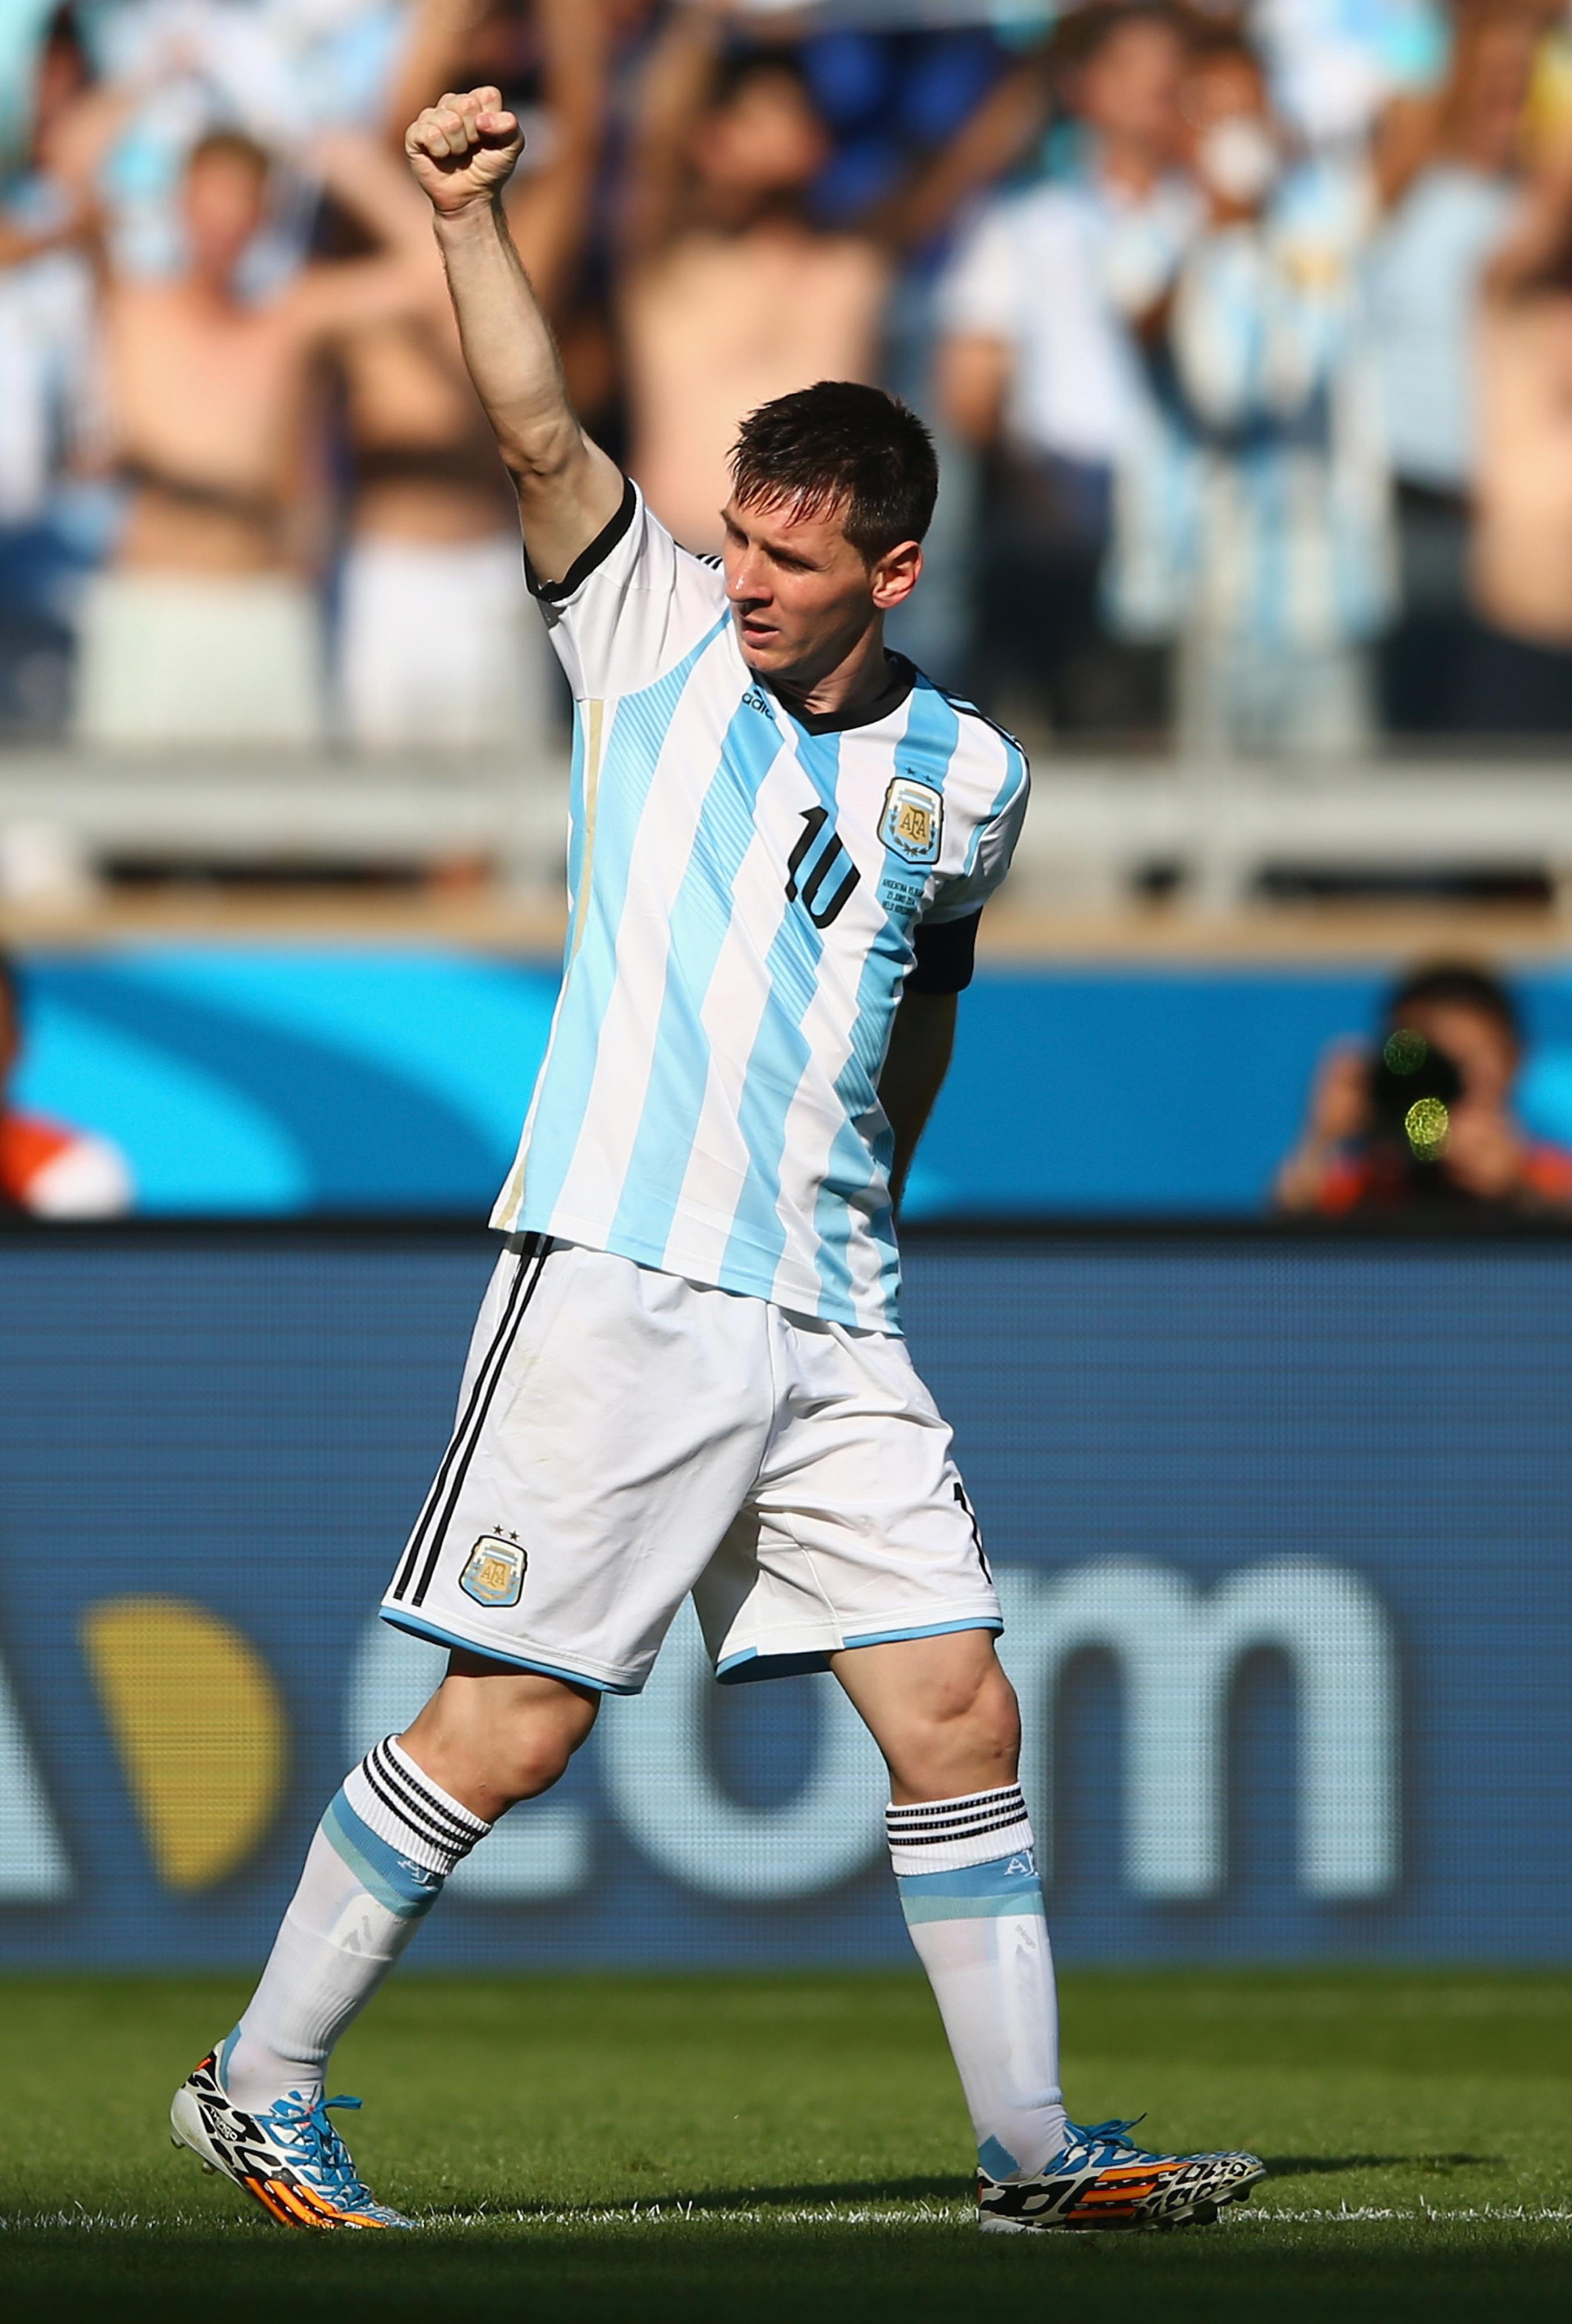 Argentina vs. Iran, 2014 World Cup: Lionel Messi rescues Albiceleste